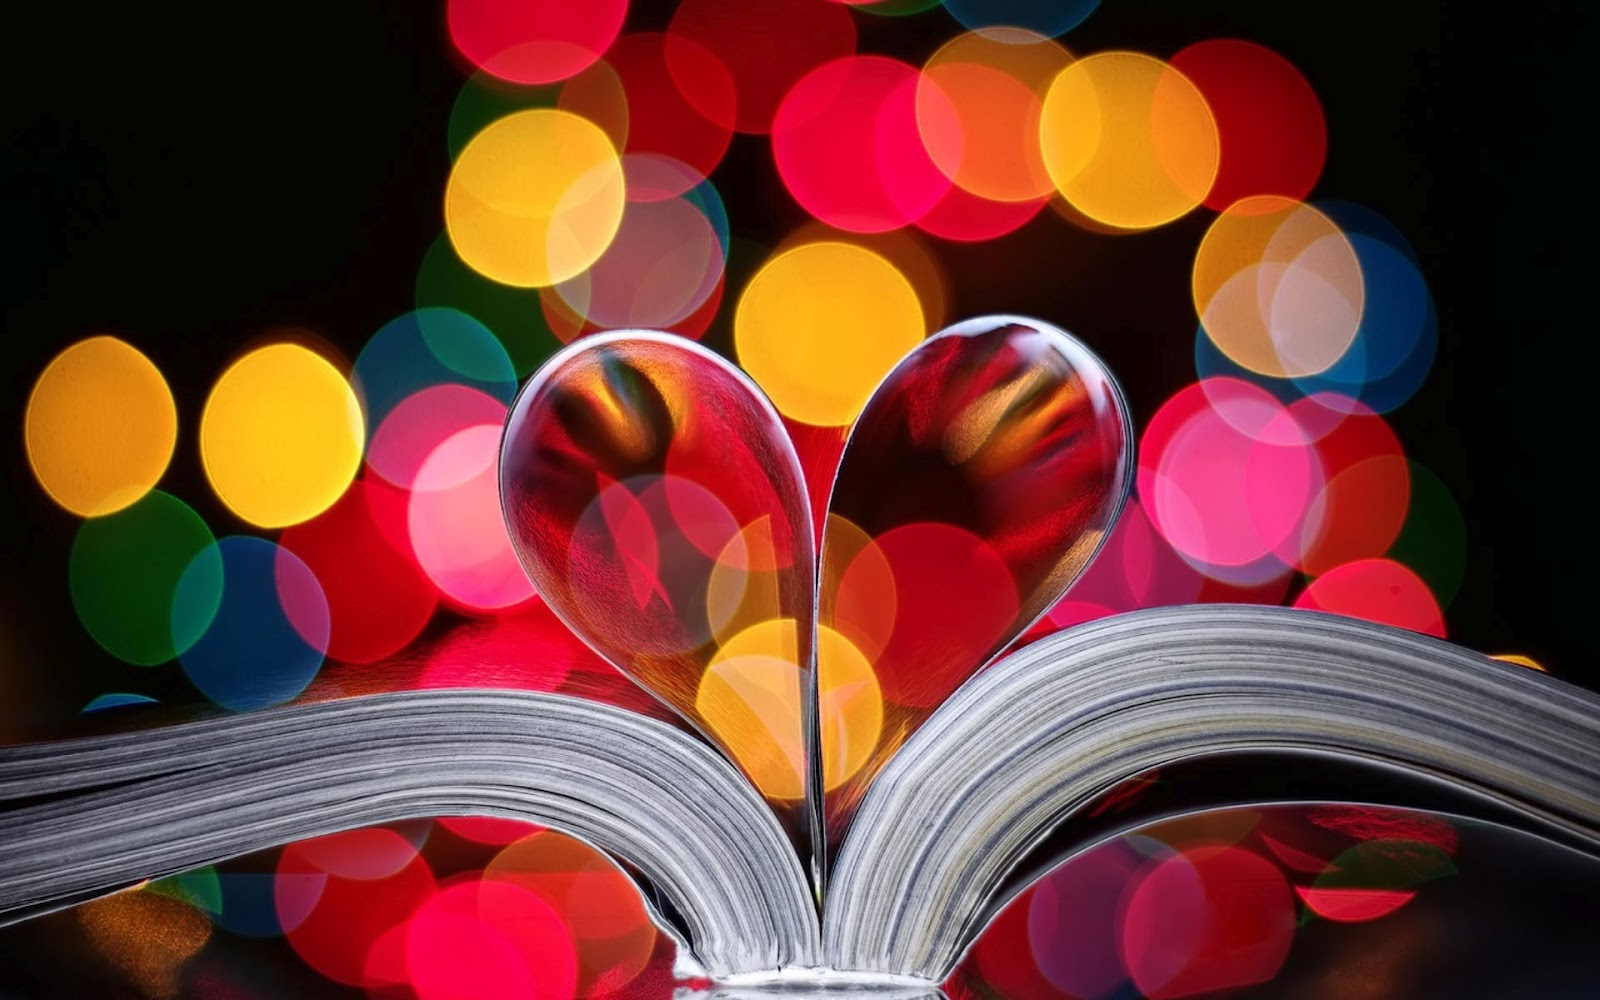 http://2.bp.blogspot.com/-oOqdFwU7-nU/T6RrSXFiriI/AAAAAAAAdjw/pvT_WWdpiVk/s1600/bokeh-love.jpg